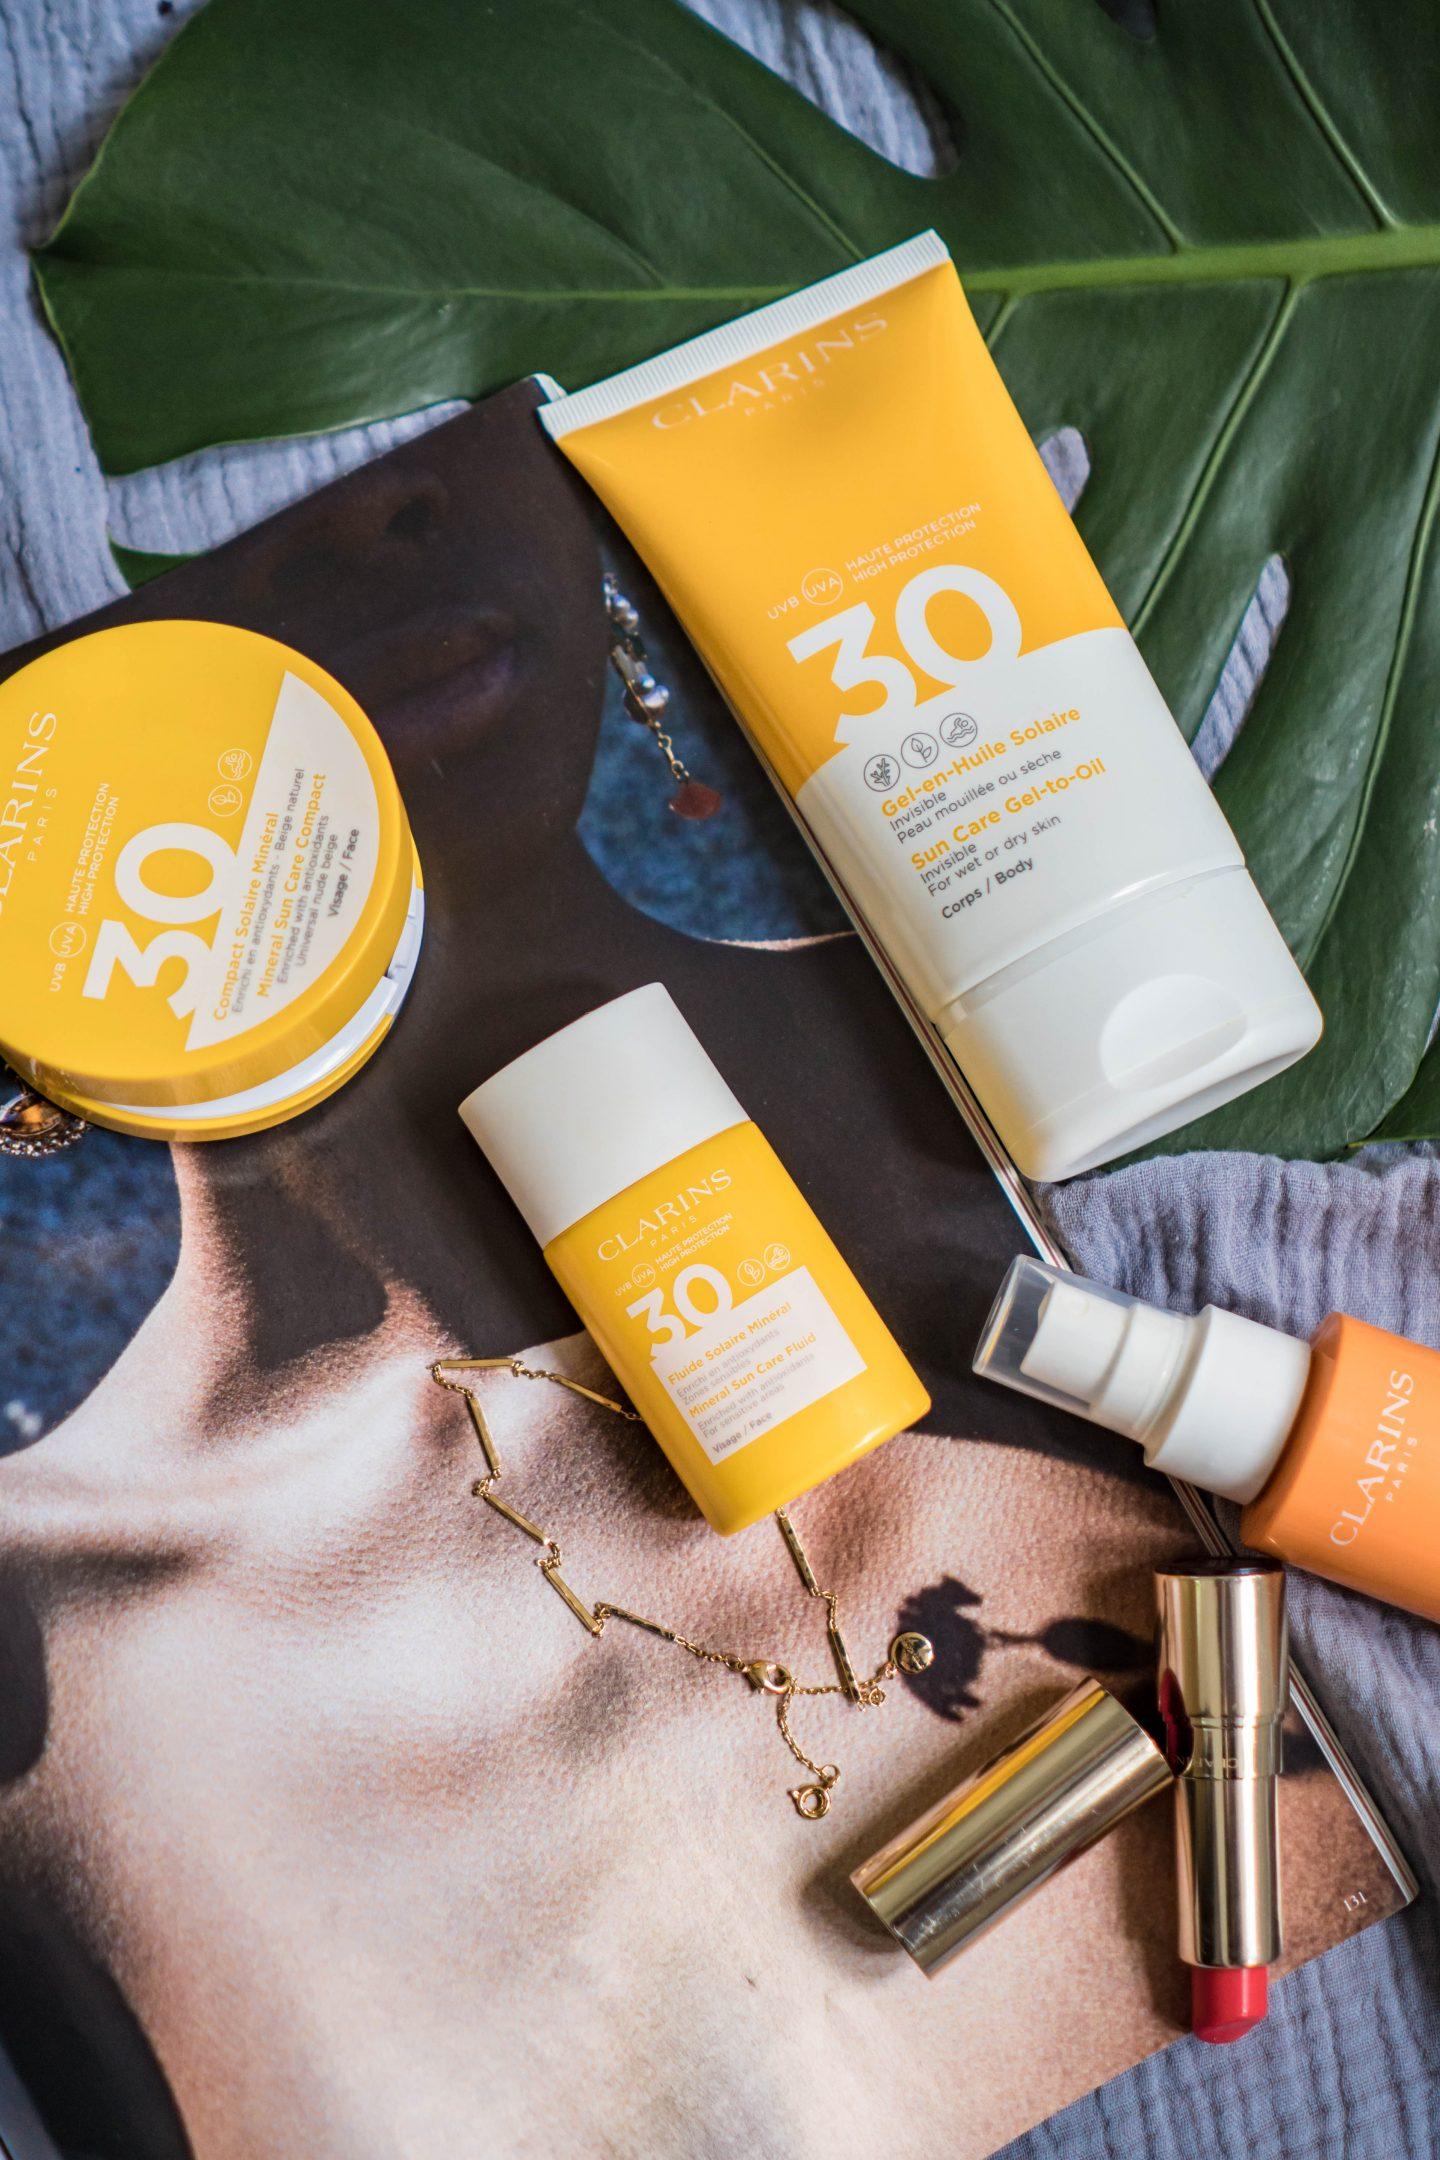 Der neue überarbeitete Sonnenschutz von Clarins - Erfahrungen Tipps von Nowshine Beauty Bloggerin über 40